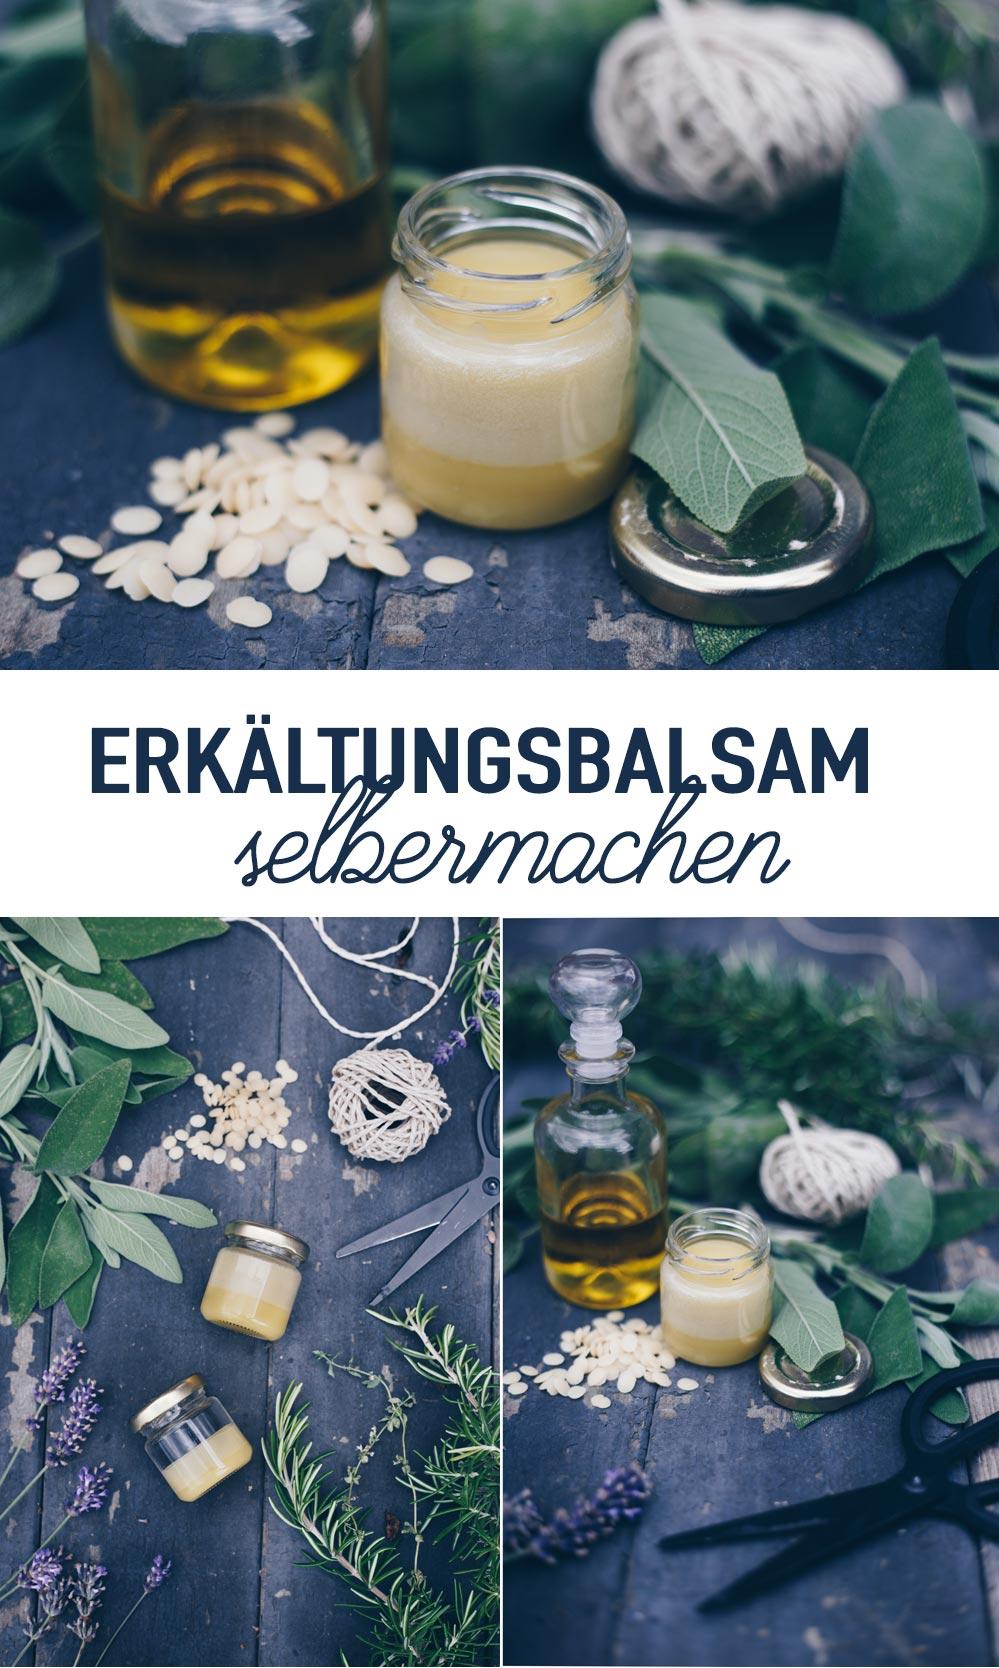 DIY Erkältungsbalsam selbermachen Anleitung